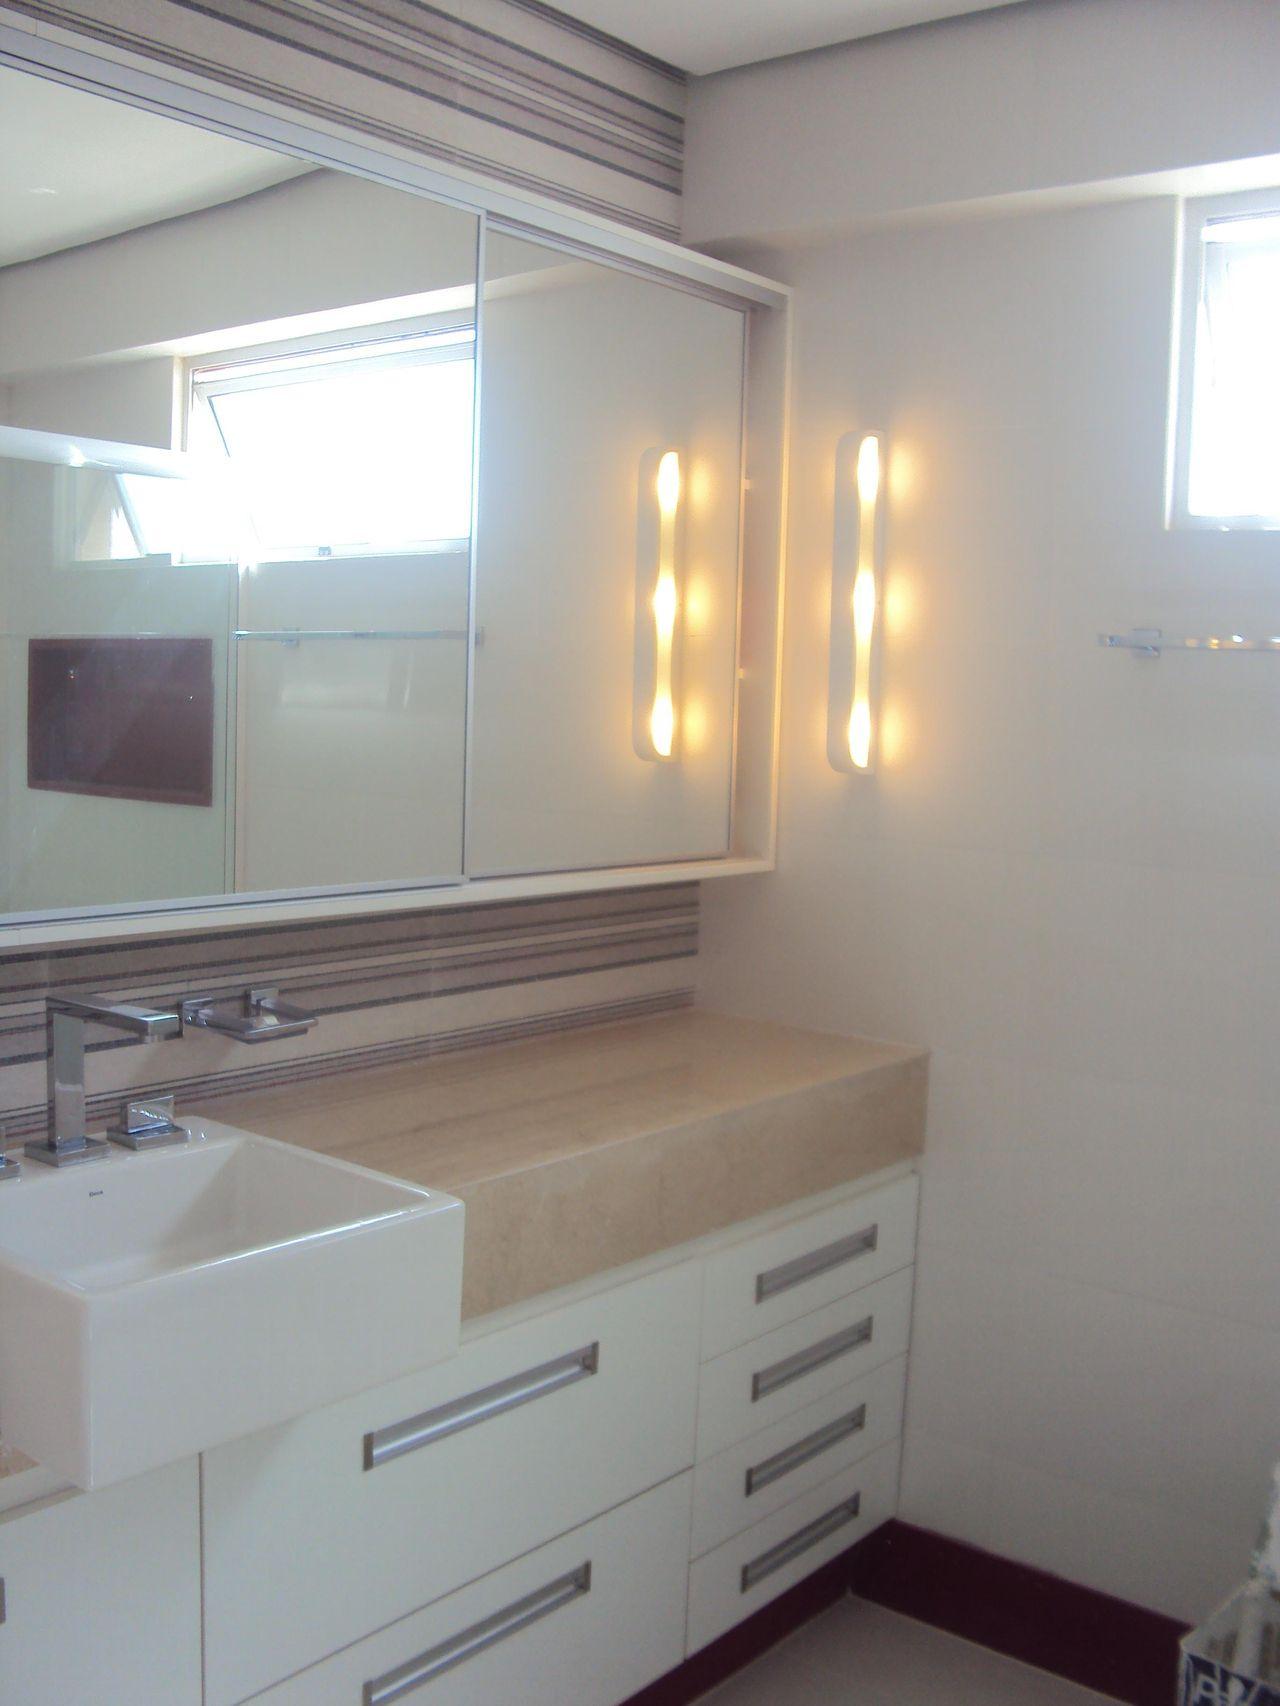 Banheiro pequeno com armário espelhado de Gillayne Costa Silva  33788 no Viv -> Banheiro Simples Suite